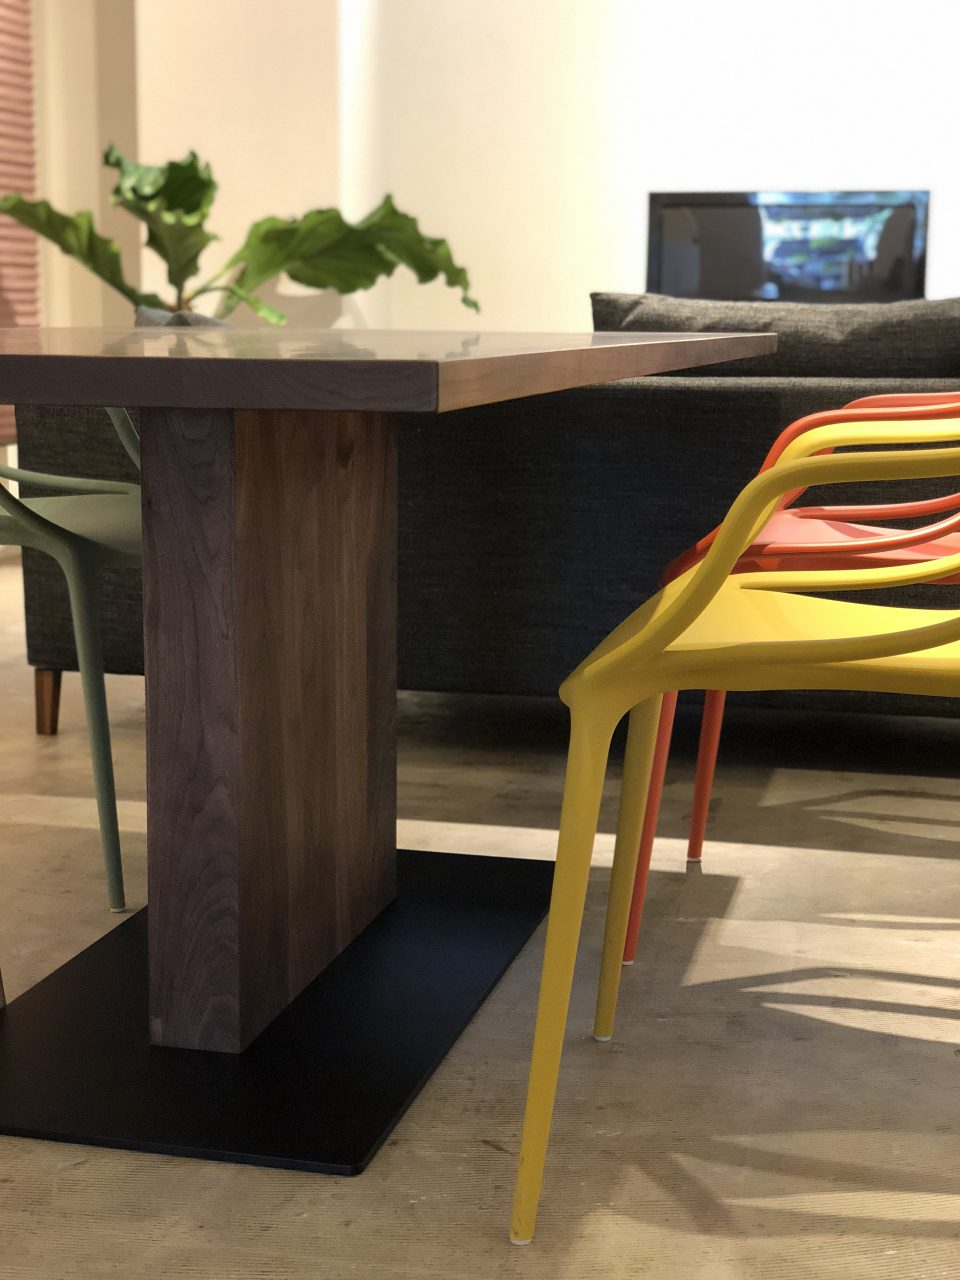 1本脚のウォールナット無垢材のダイニングテーブルは、出入りもしやすいデザインです。